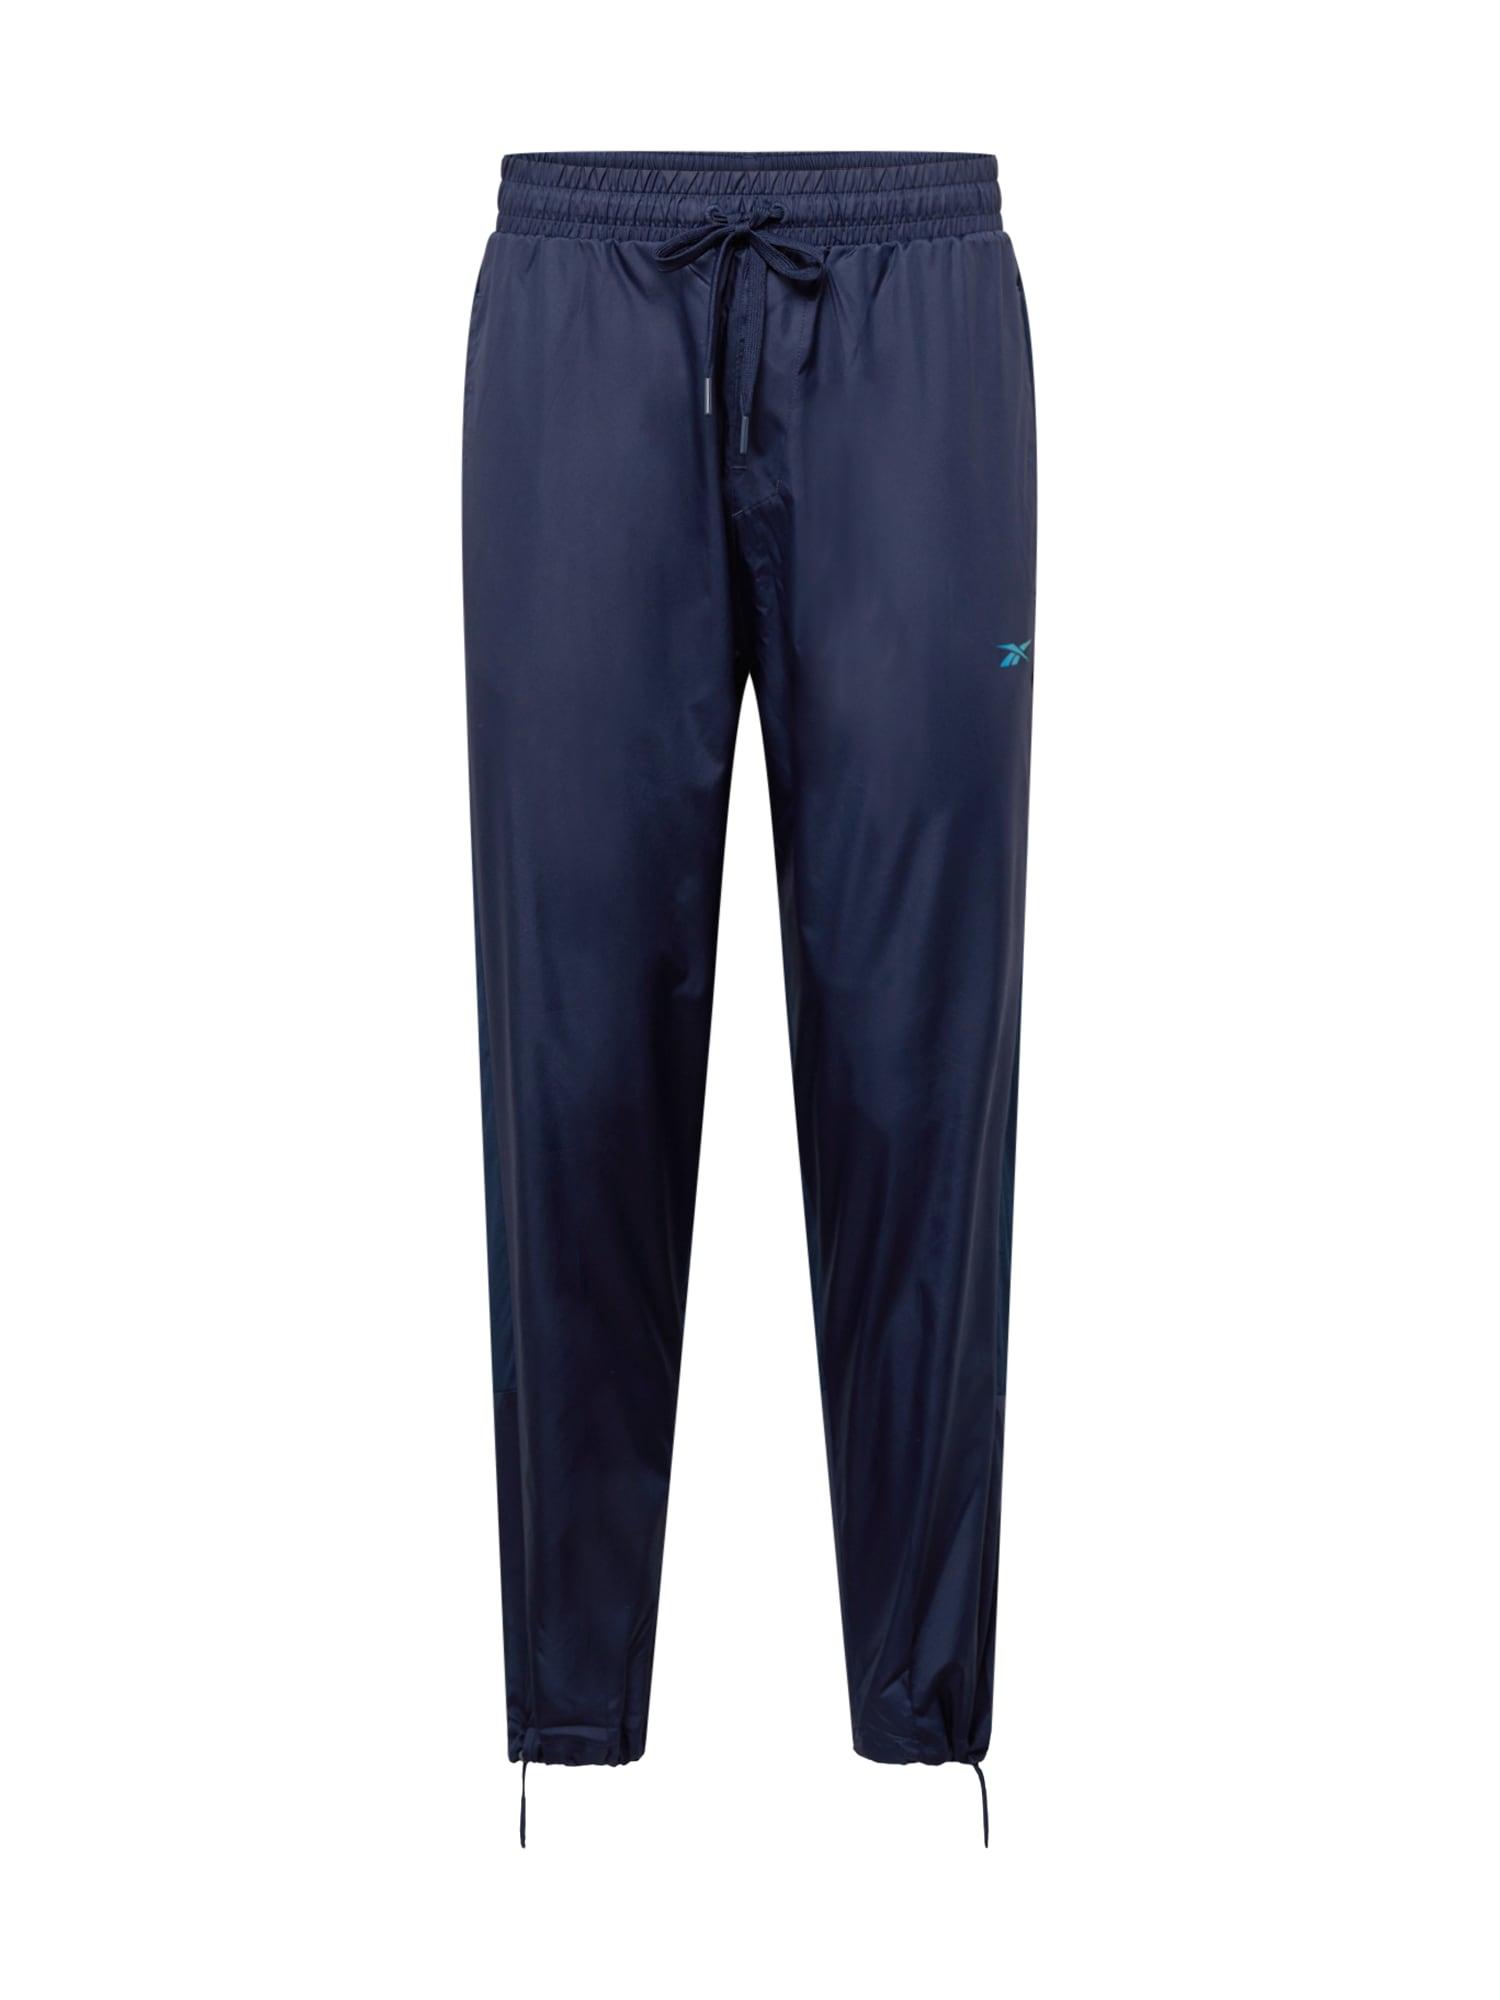 REEBOK Sportinės kelnės tamsiai mėlyna